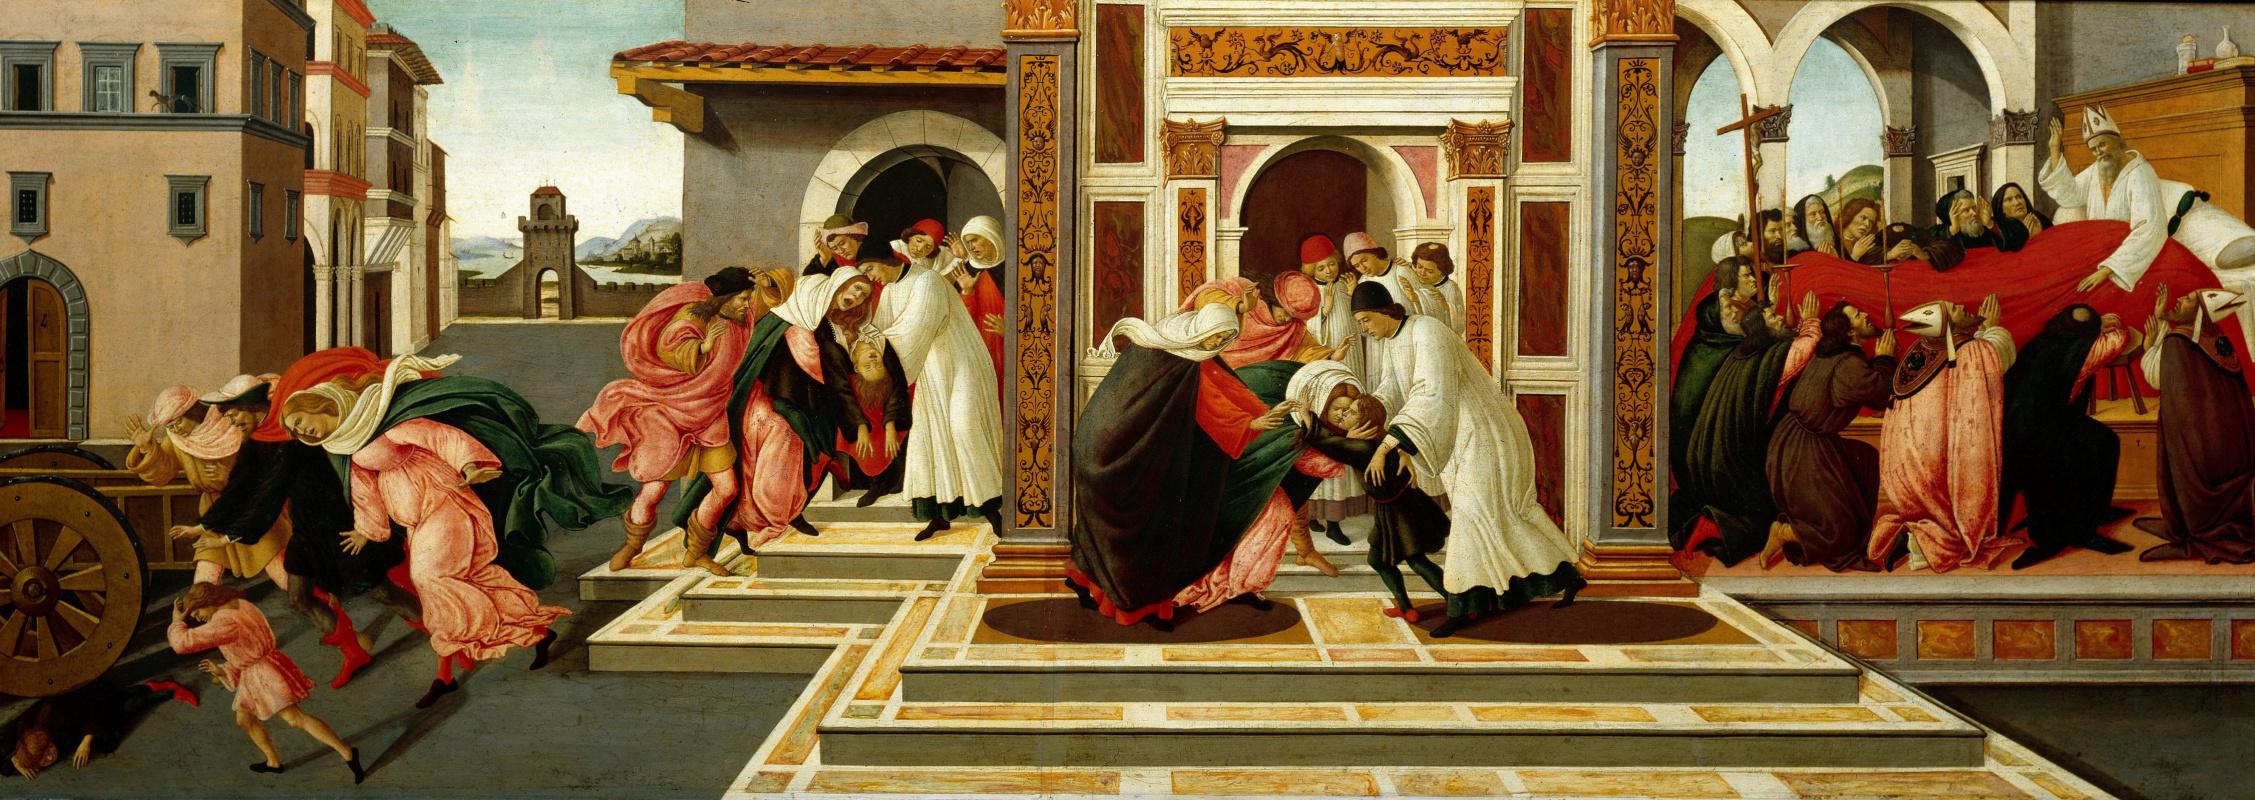 Сандро Боттичелли. Сцены из жизни святого Зиновия IV